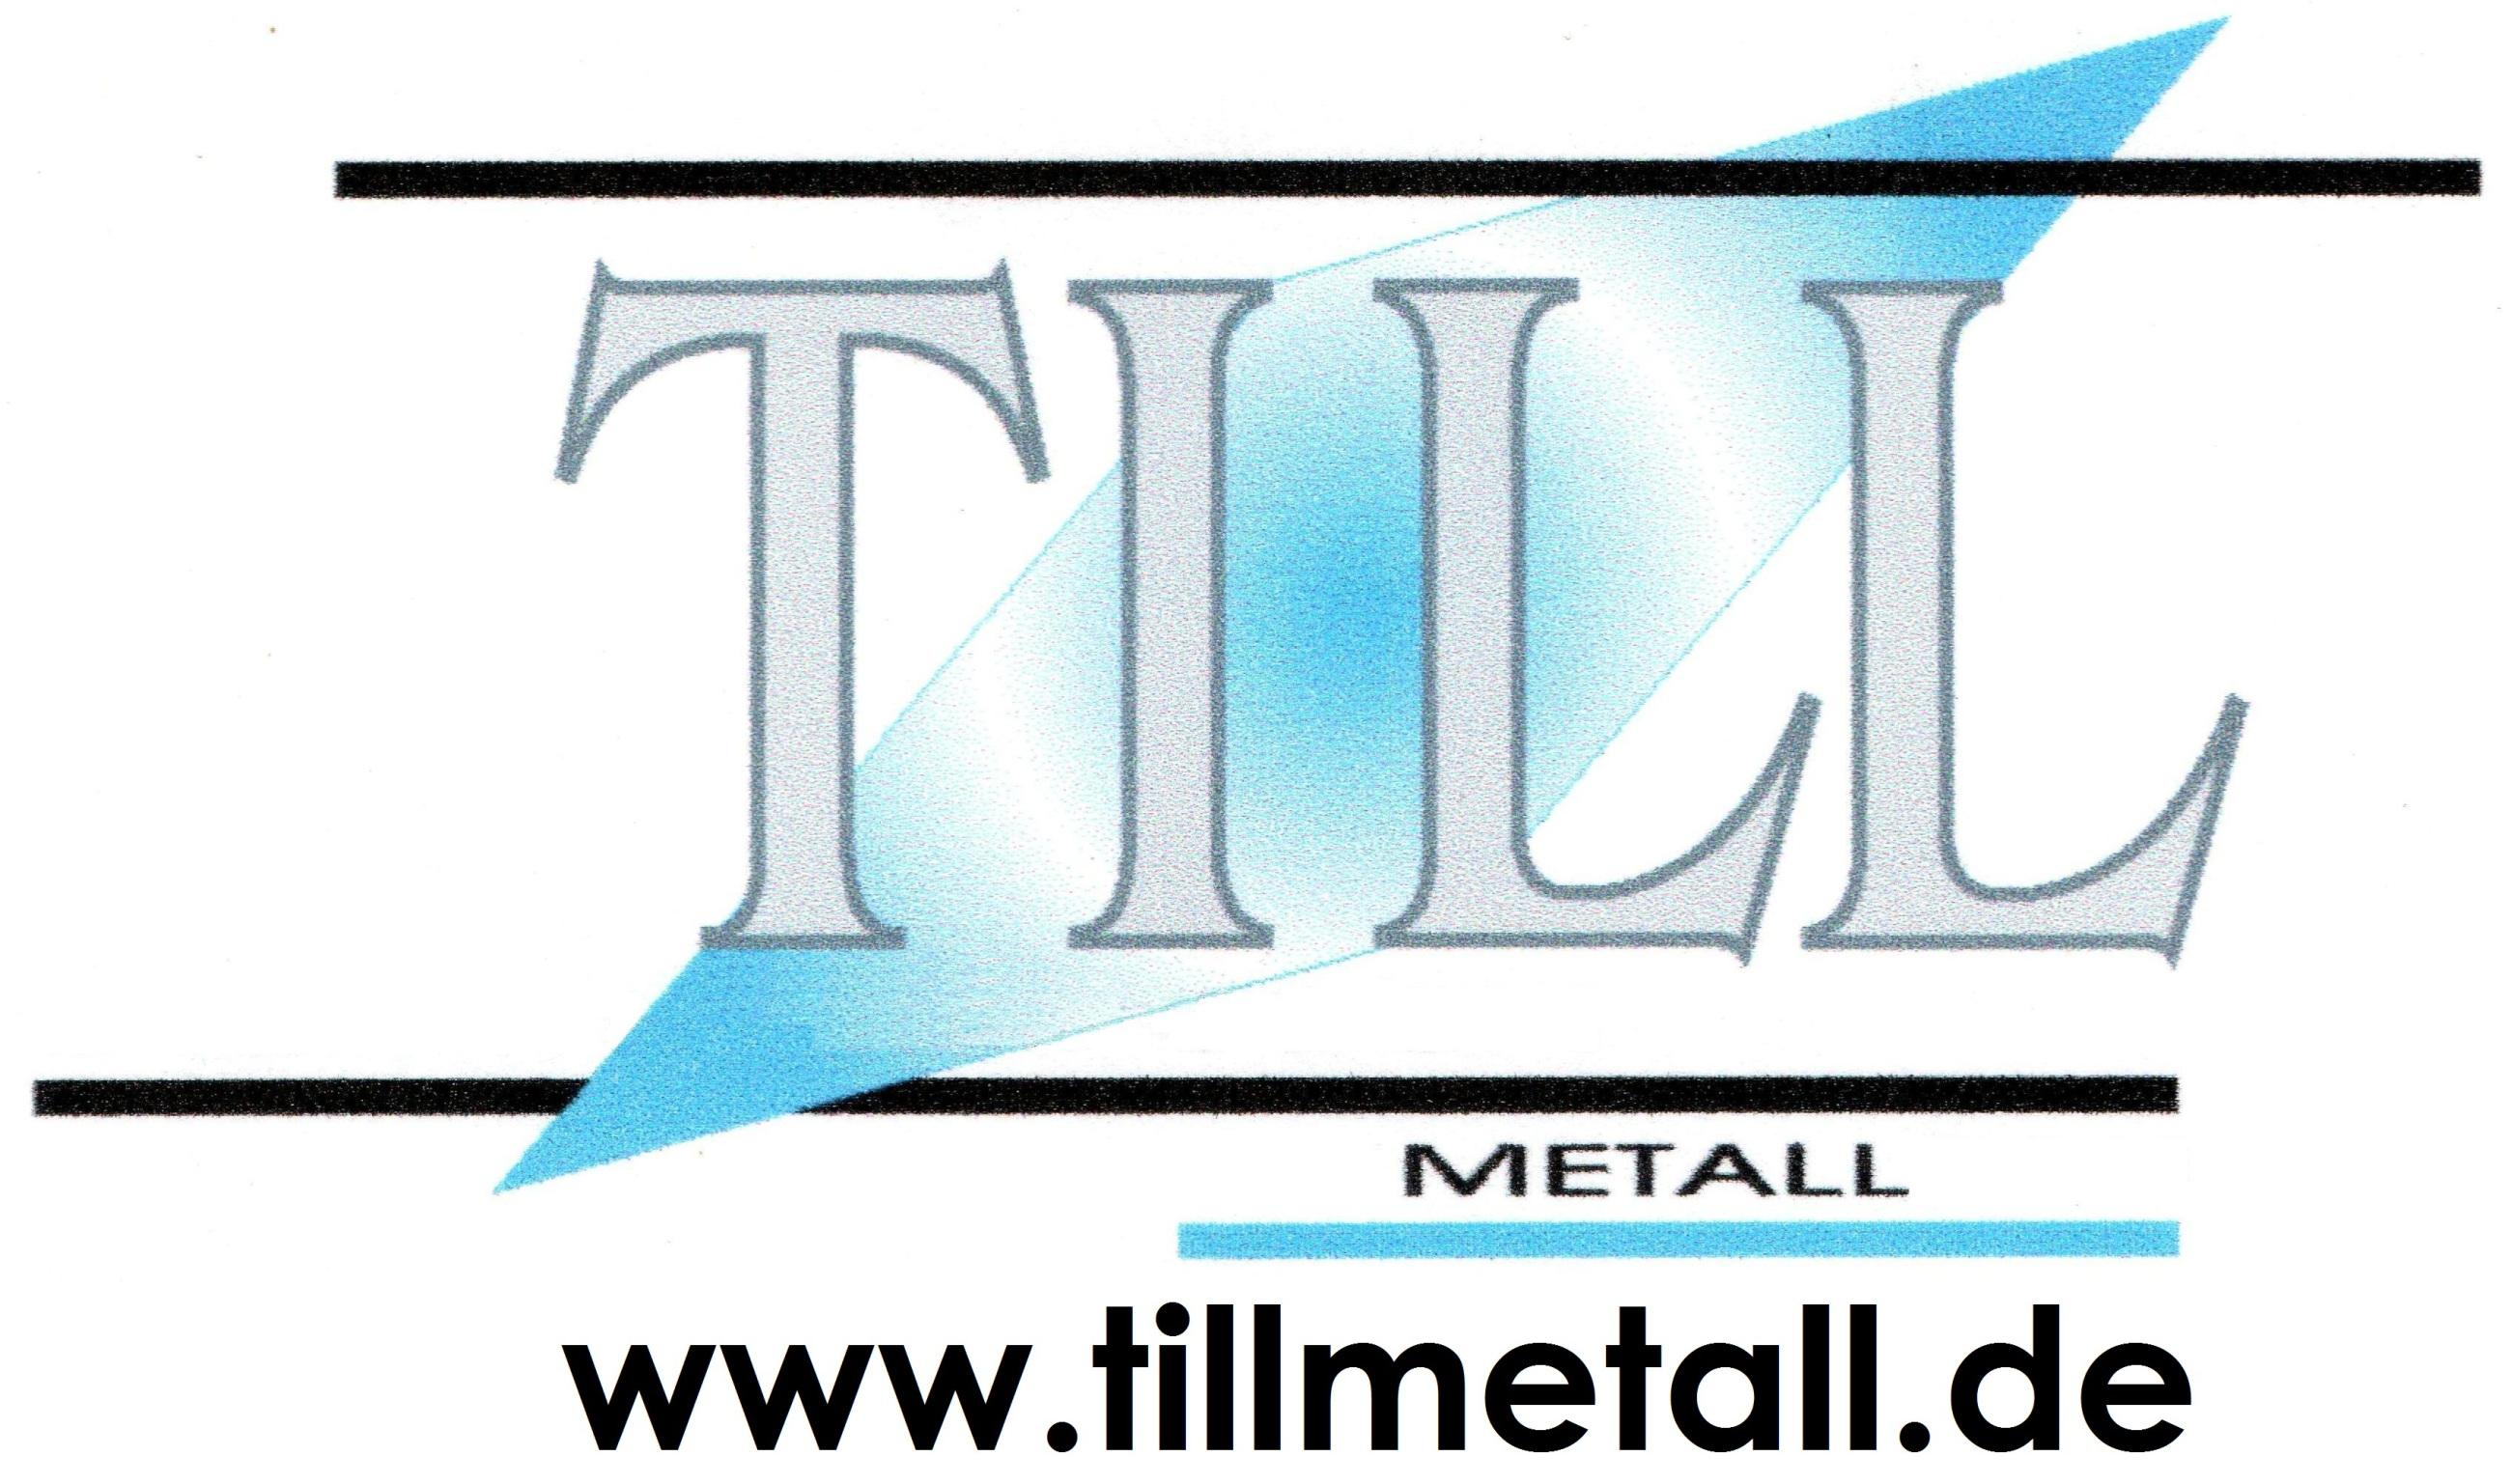 Metallbau-Schlosserei-Alu-Alusysteme-Brackenheim-Zabergäu-Heilbronn-Ludwigsburg-Till-Metall